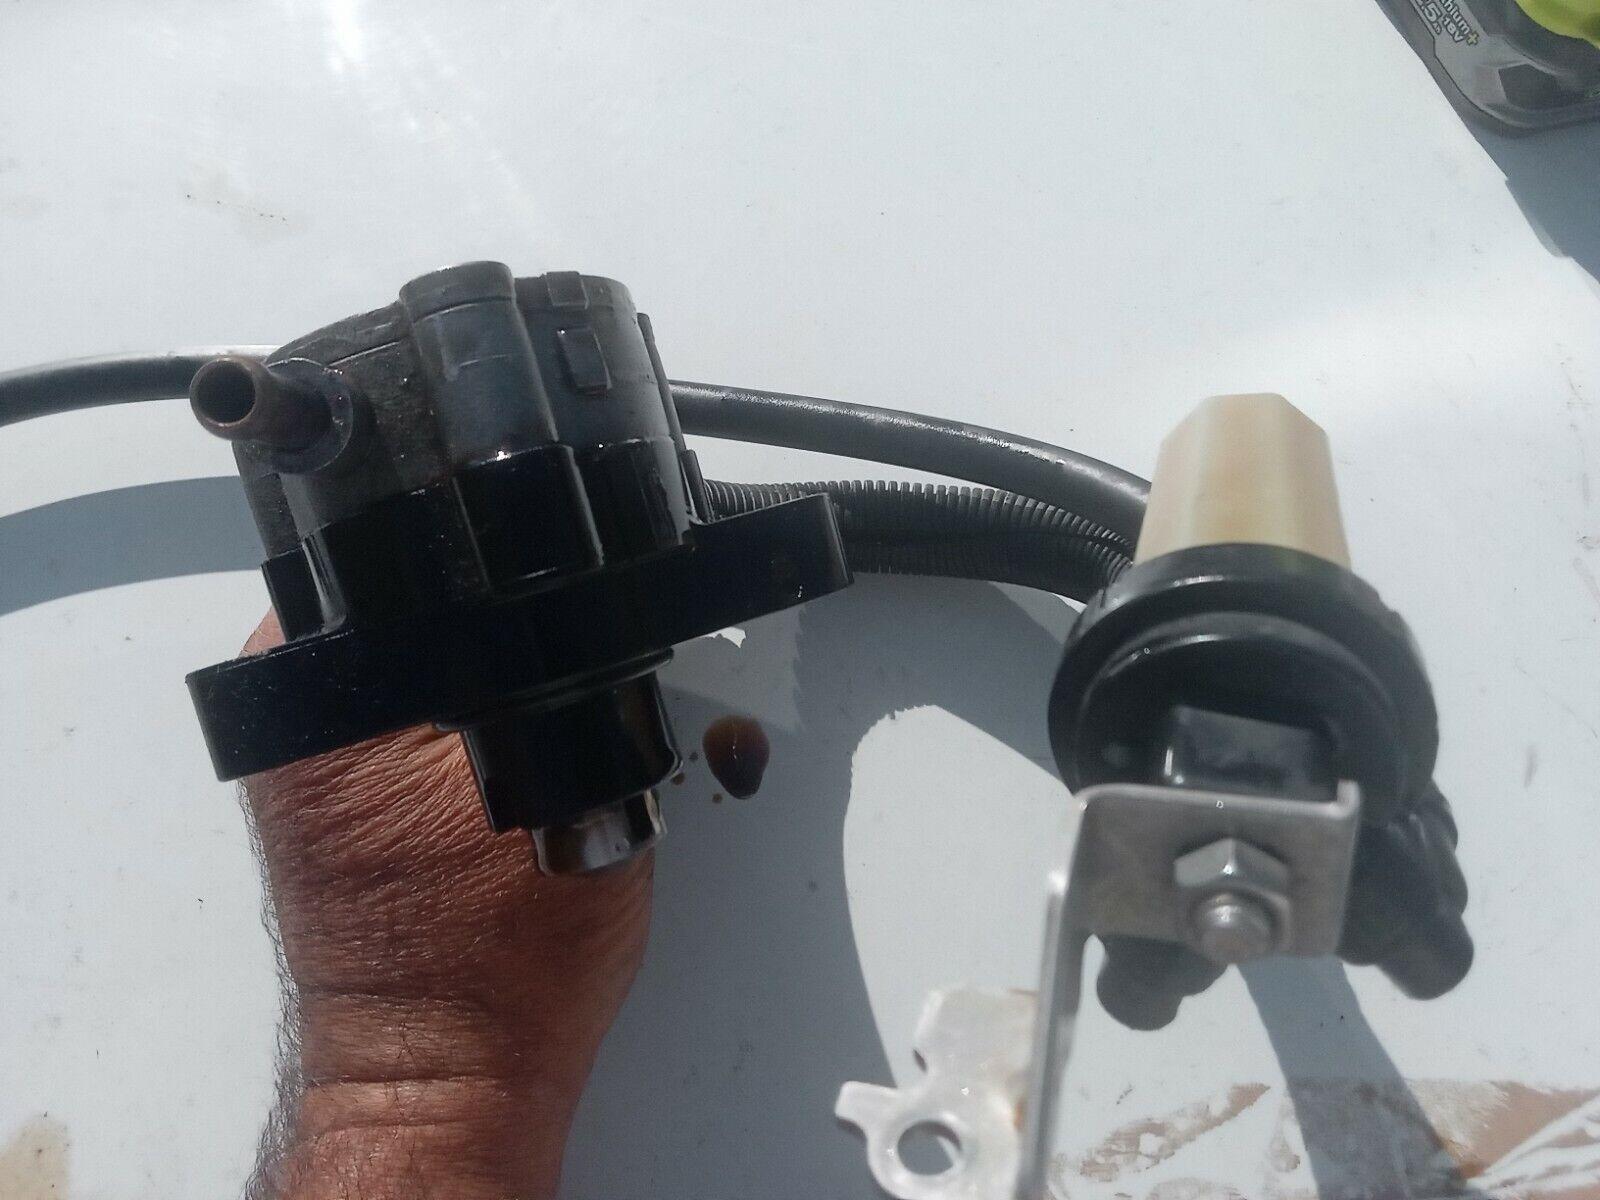 pompe a essence mecanique mercury yamaha 115cv EFI 2005